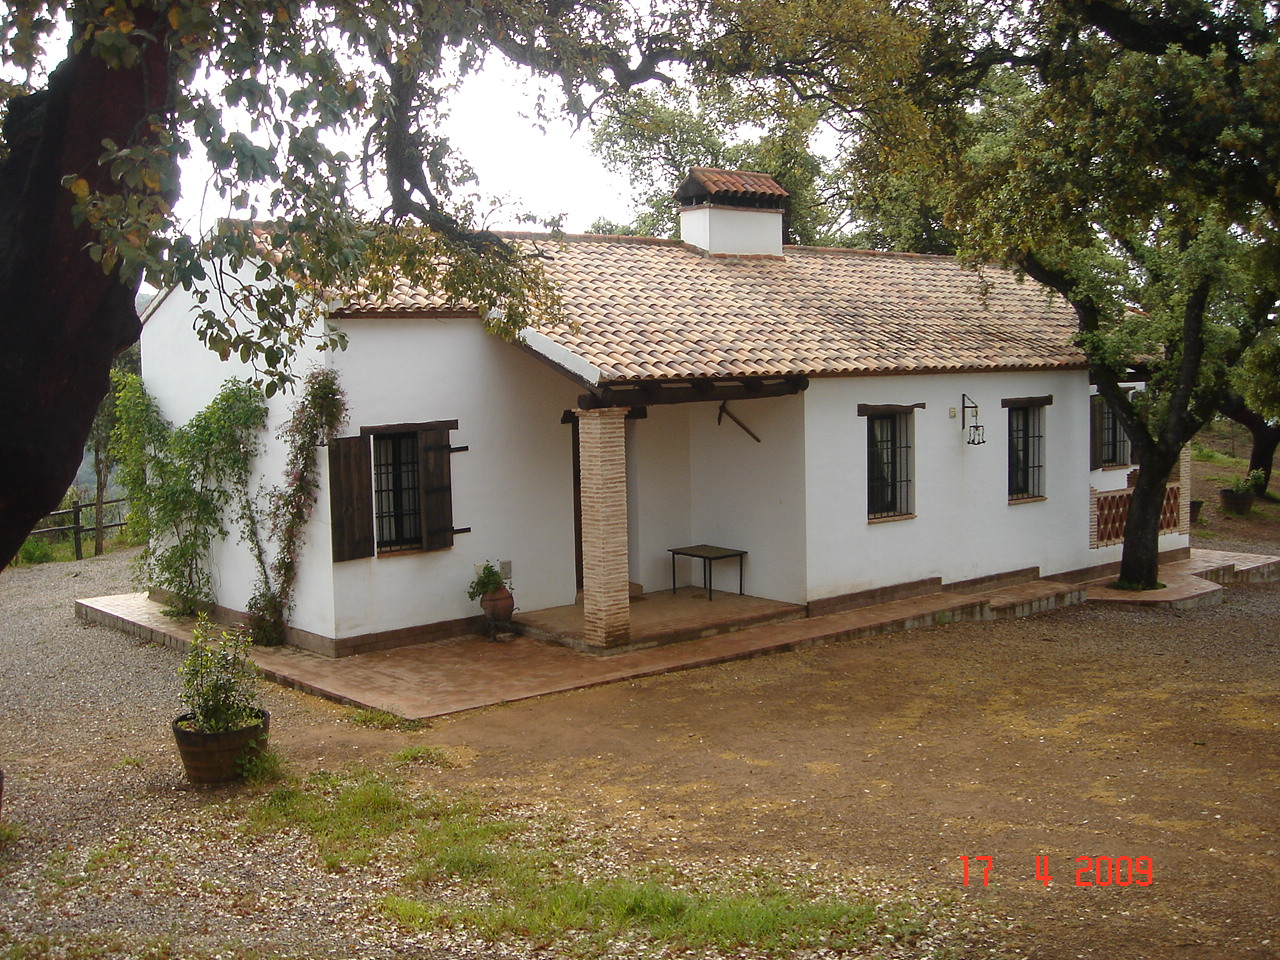 Casa rural los bogantes cazalla de la sierra - Casas en cazalla de la sierra ...